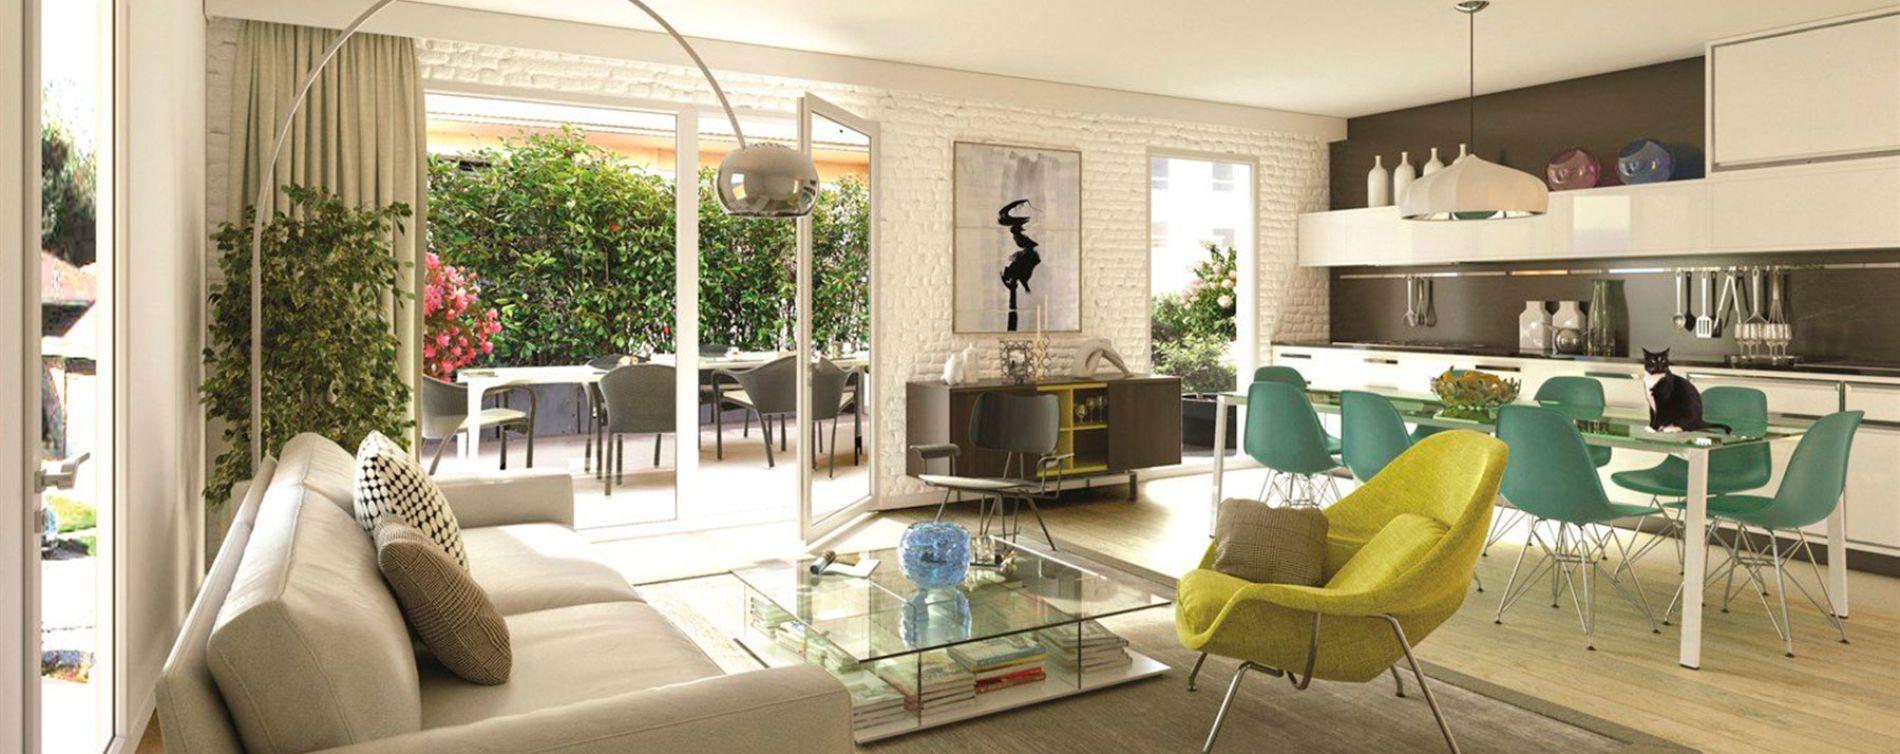 Saint-Xandre : programme immobilier neuve « Pavillon des Arts » (3)